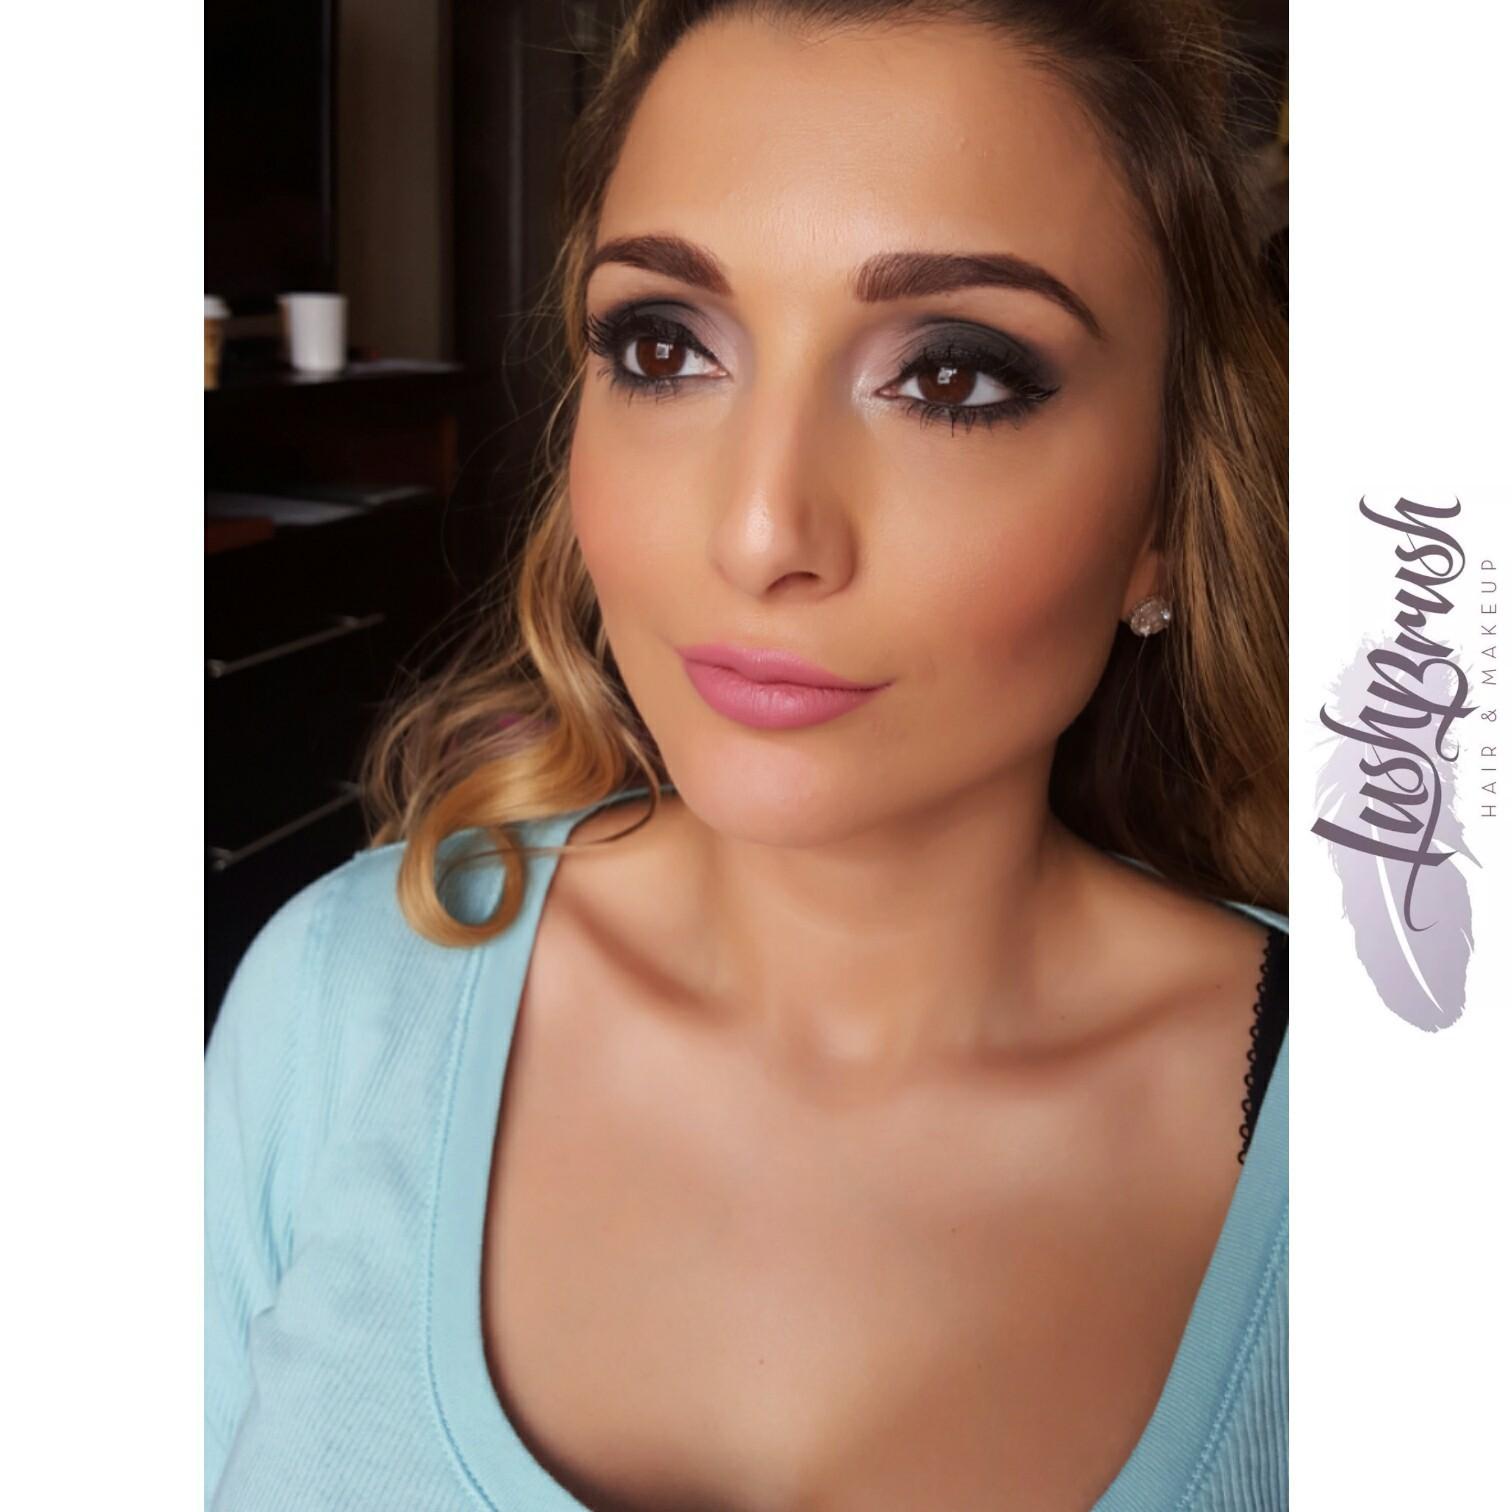 Lush makeup review - Makeup